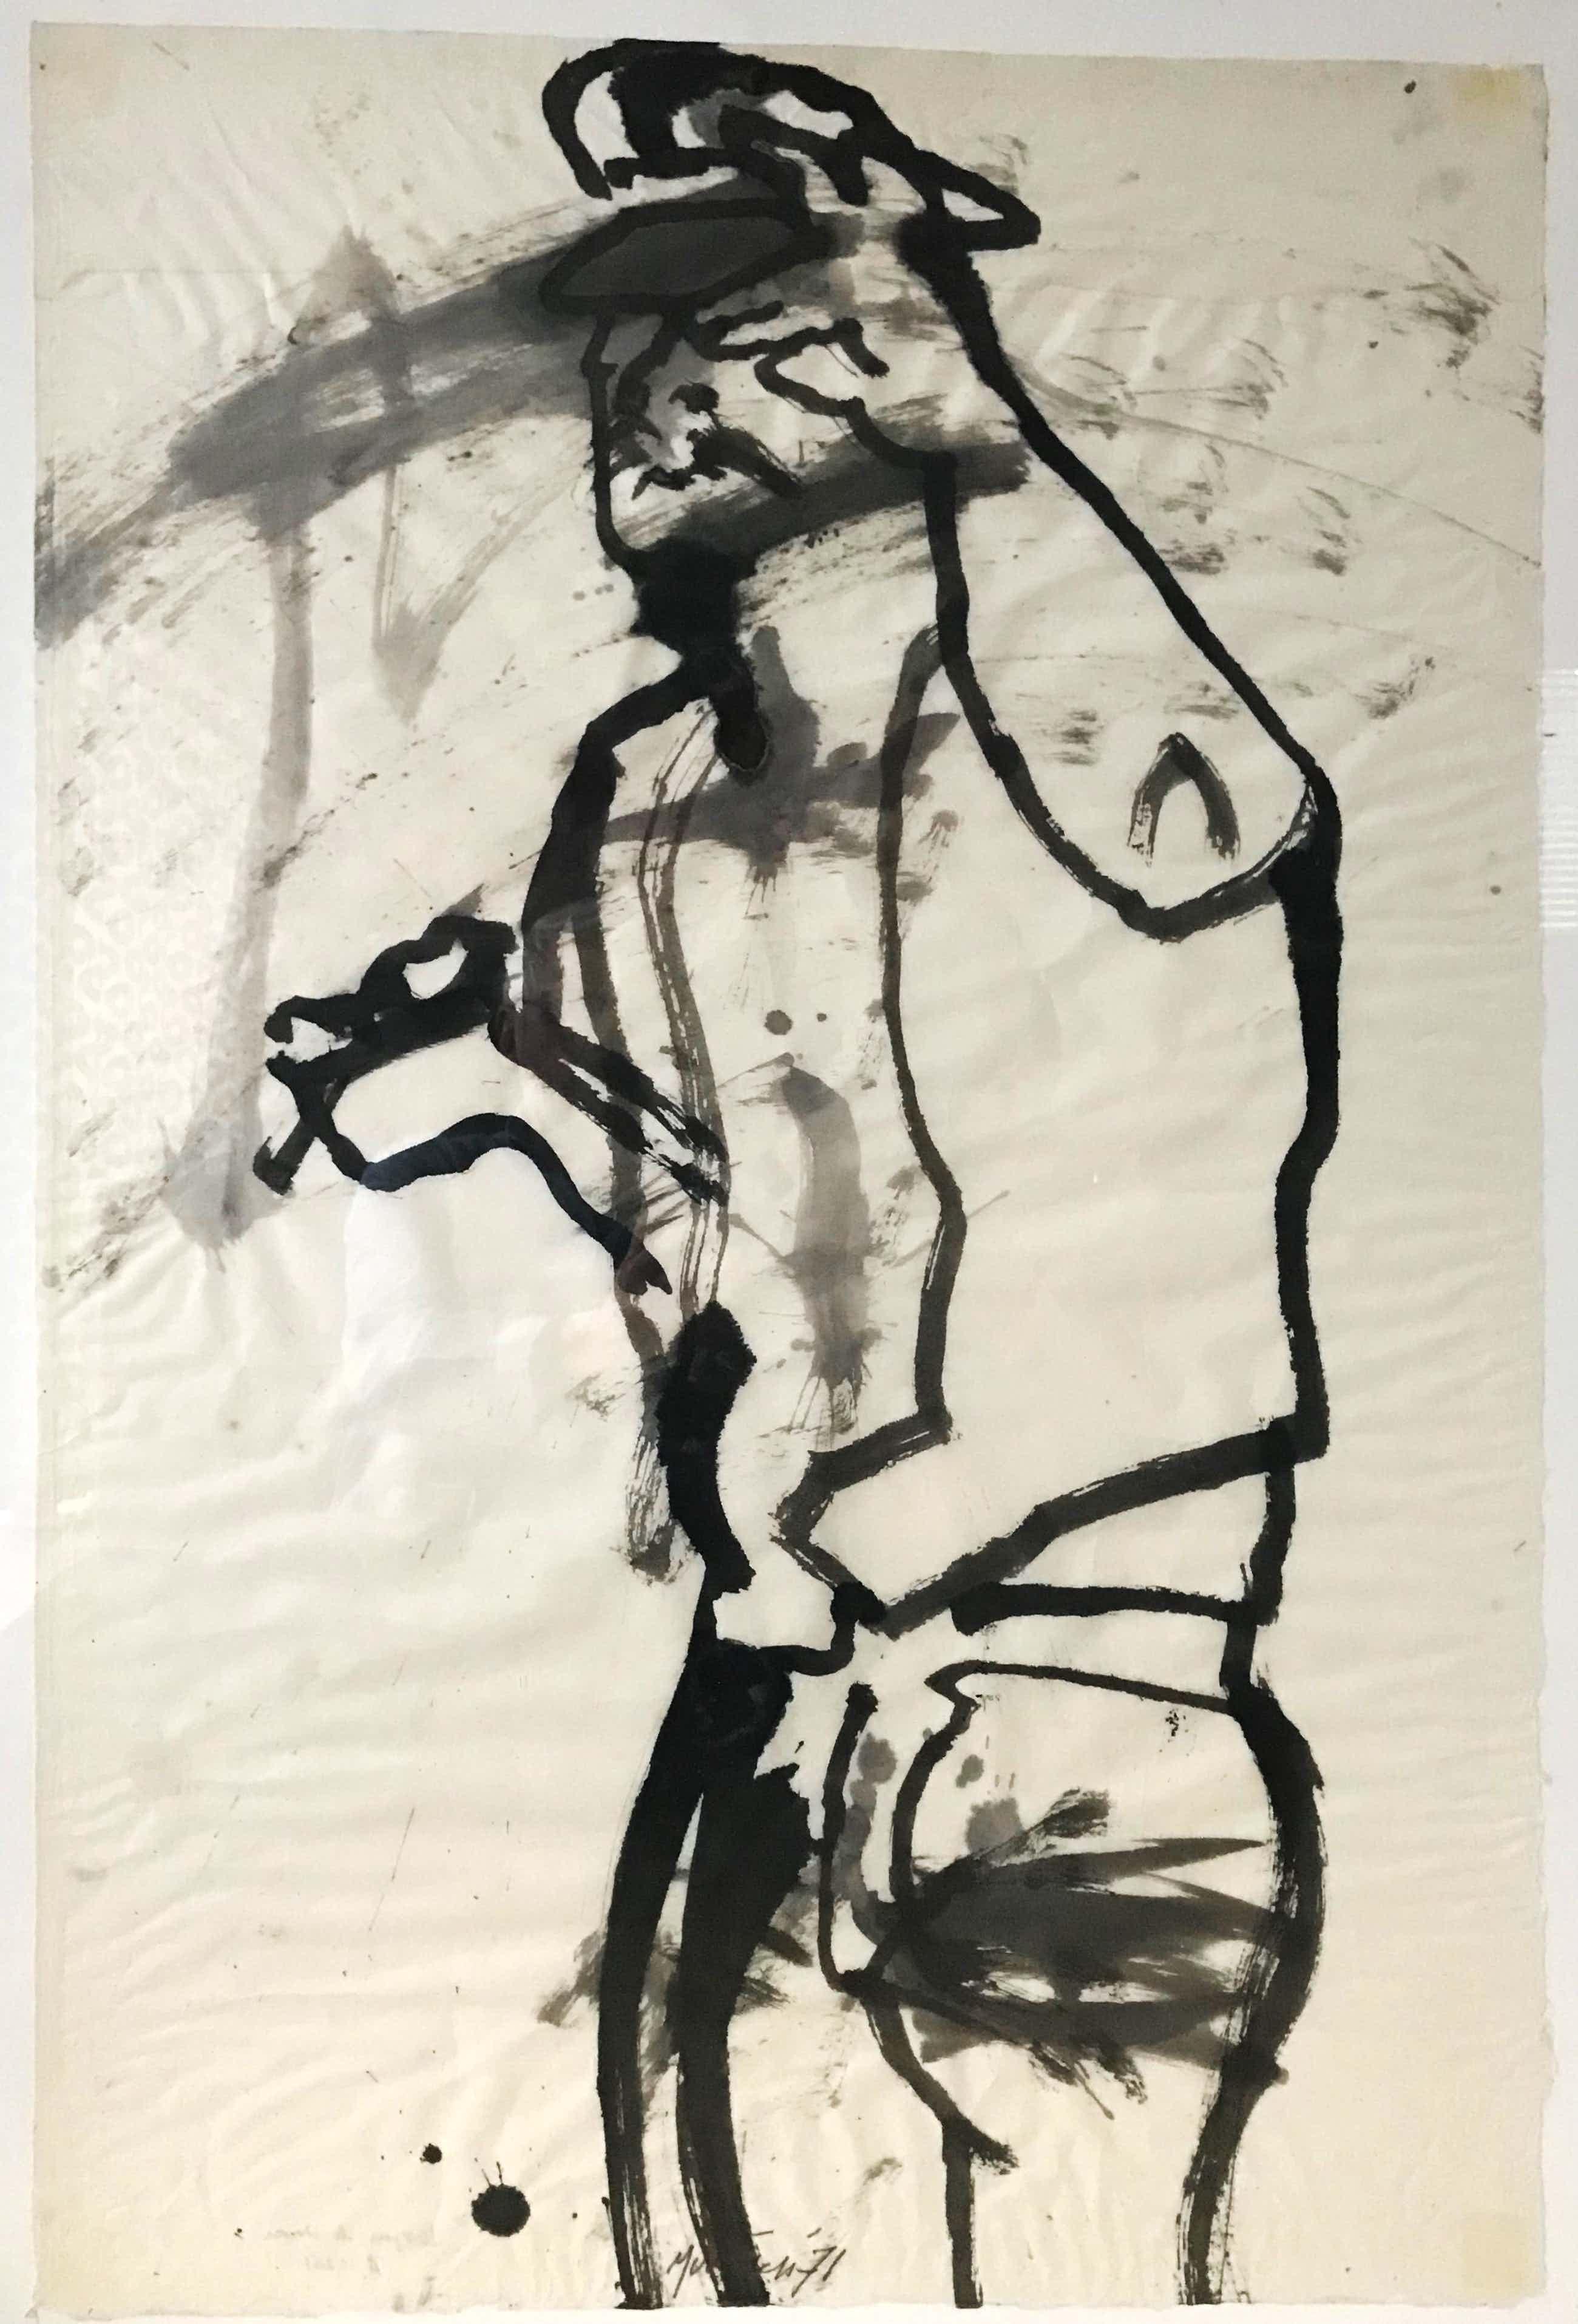 Jurjen de Haan - Prachtig uniek werk - Inkt / aquarel op papier - 1971 kopen? Bied vanaf 40!